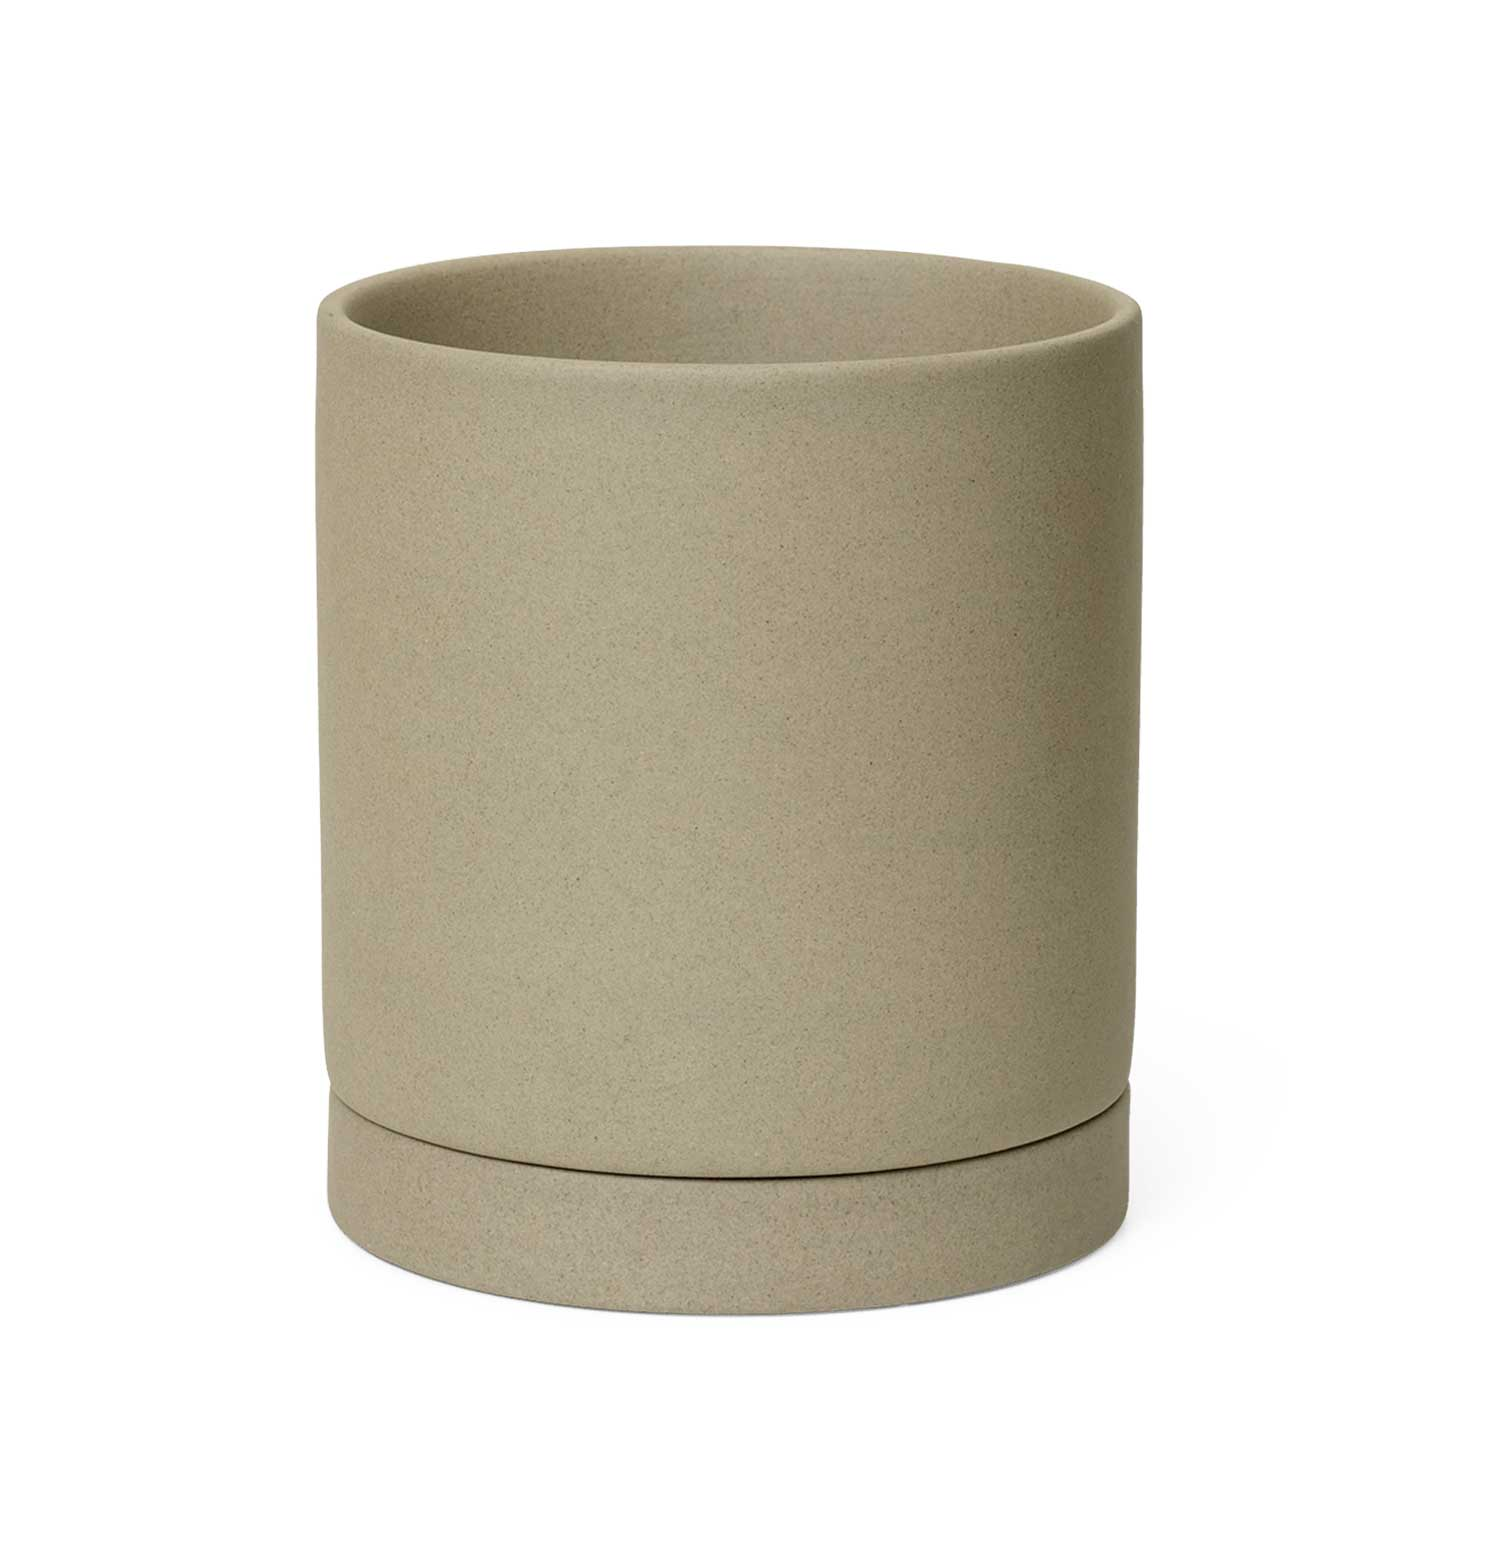 Ferm Living- Sekki Pot- Medium- Sand